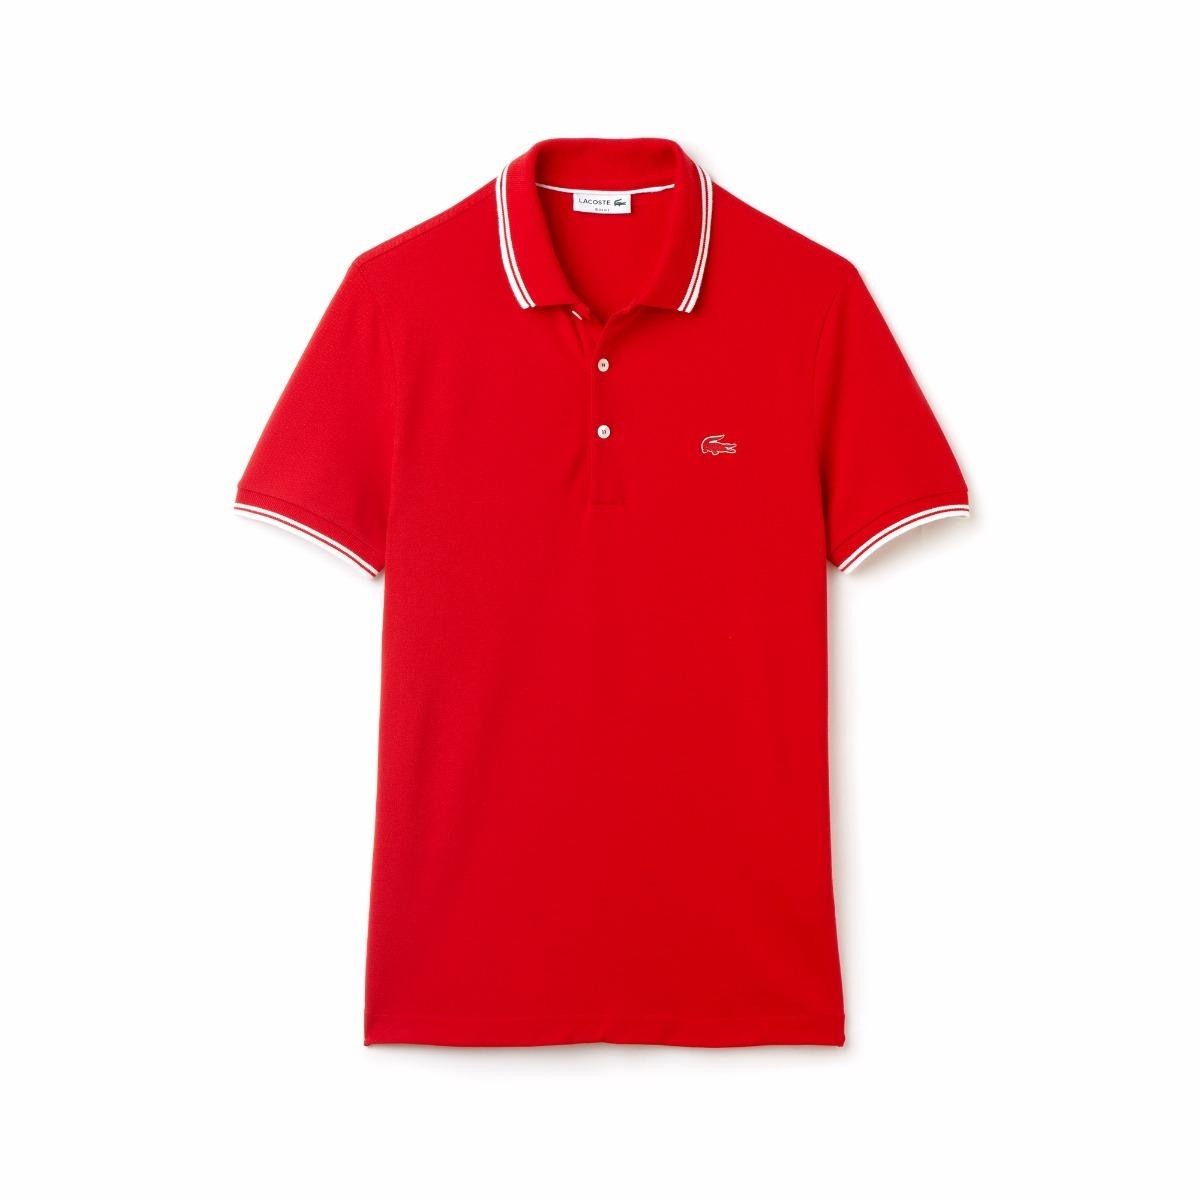 0a77536a4b983 camisa polo   camiseta lacoste live 100% original importada. Carregando  zoom.